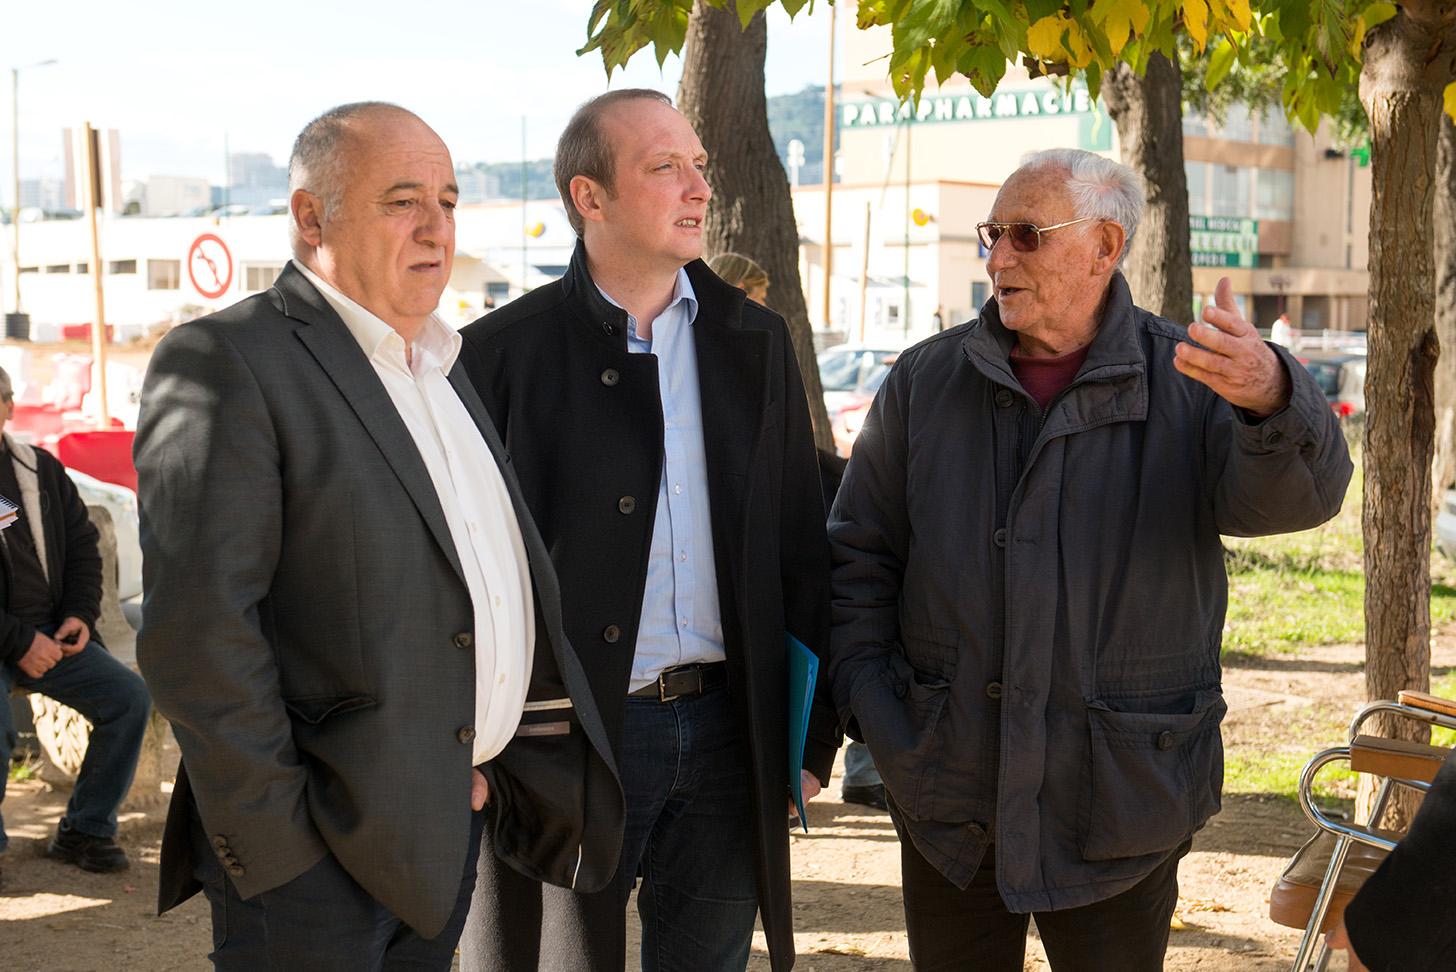 Les résidents ont pu exprimer leur ressenti lors de cette visite (photo Ville d'Ajaccio).